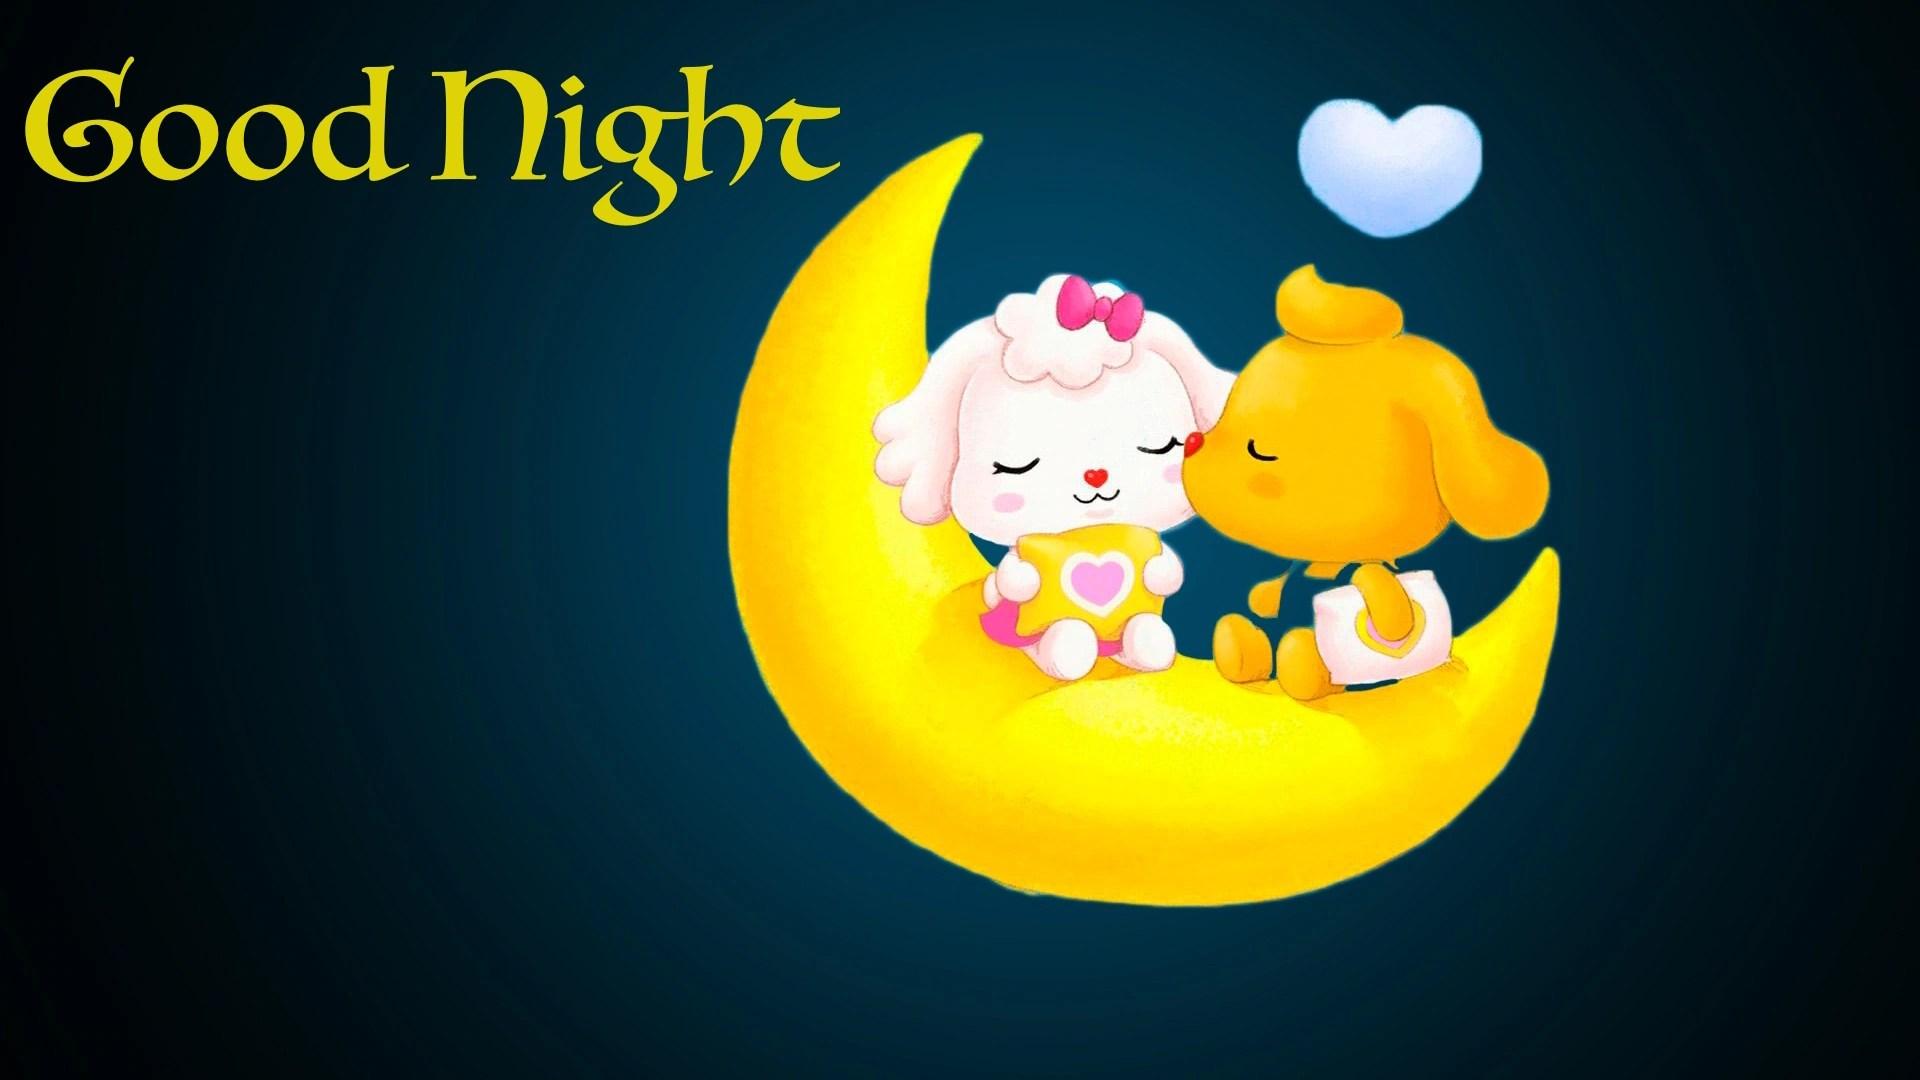 good night cartoon kiss moon image